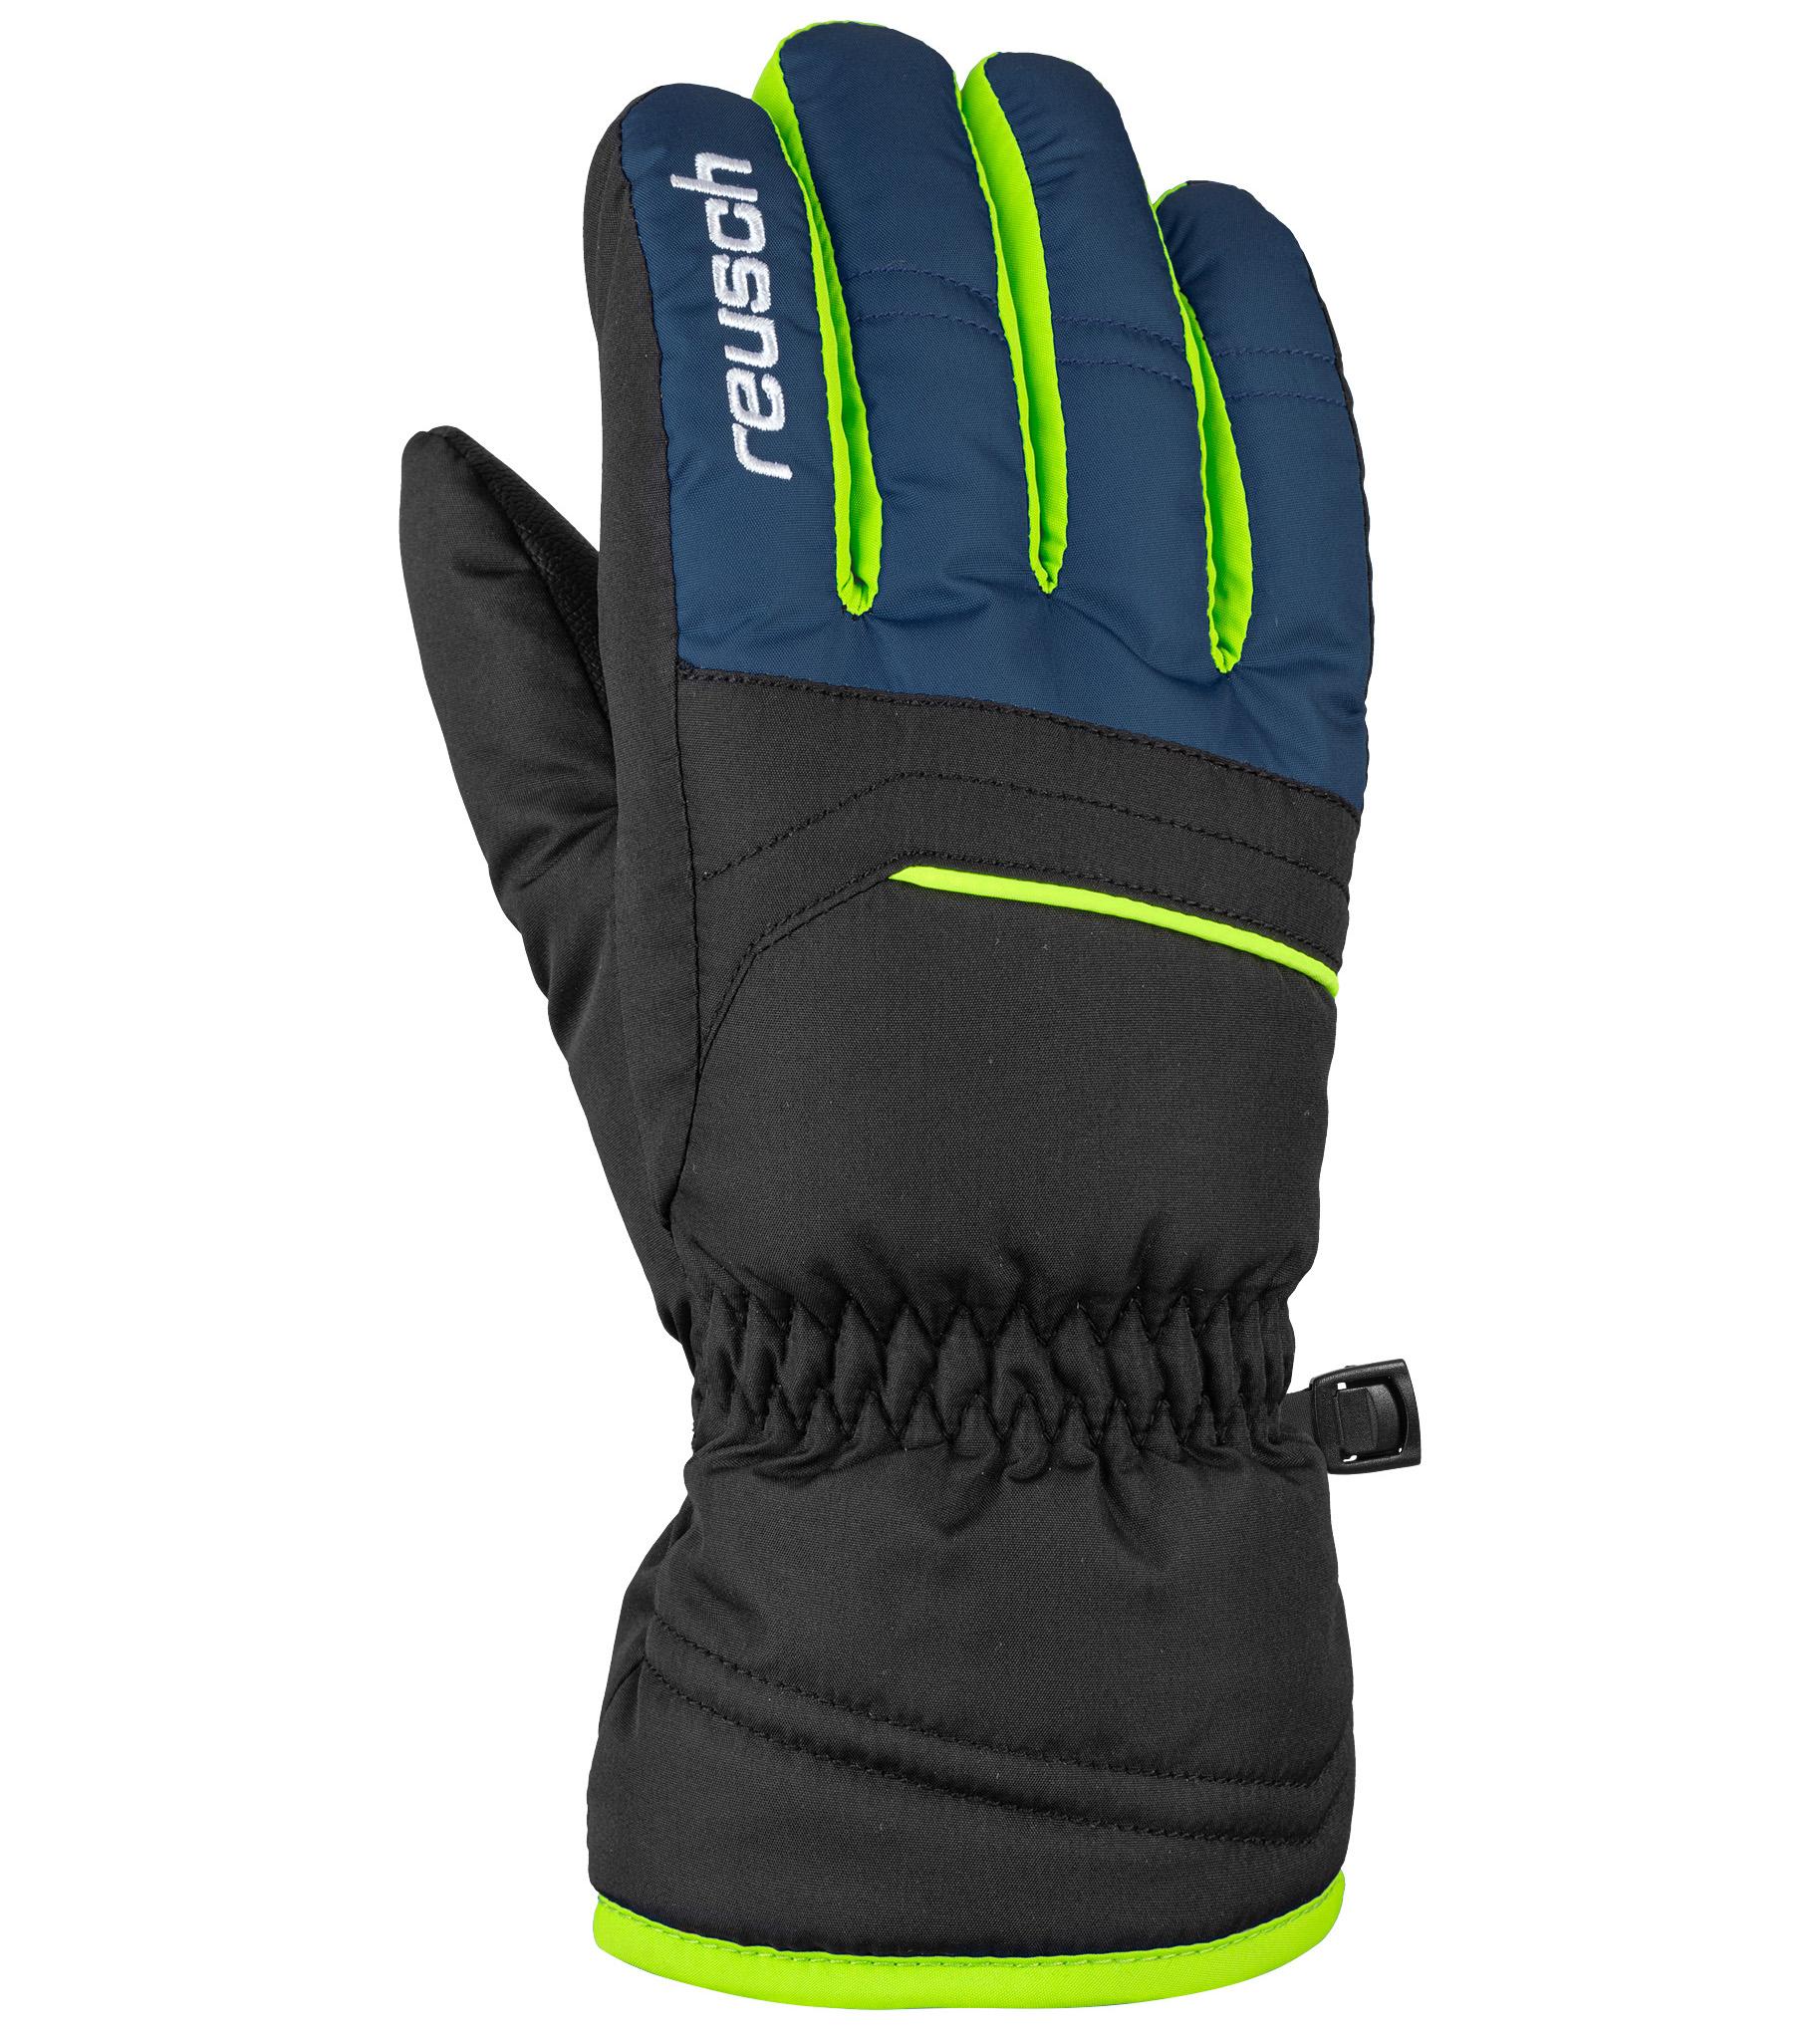 Перчатки Reusch Alan, black/dress blue/neon green, 6.5 Inch